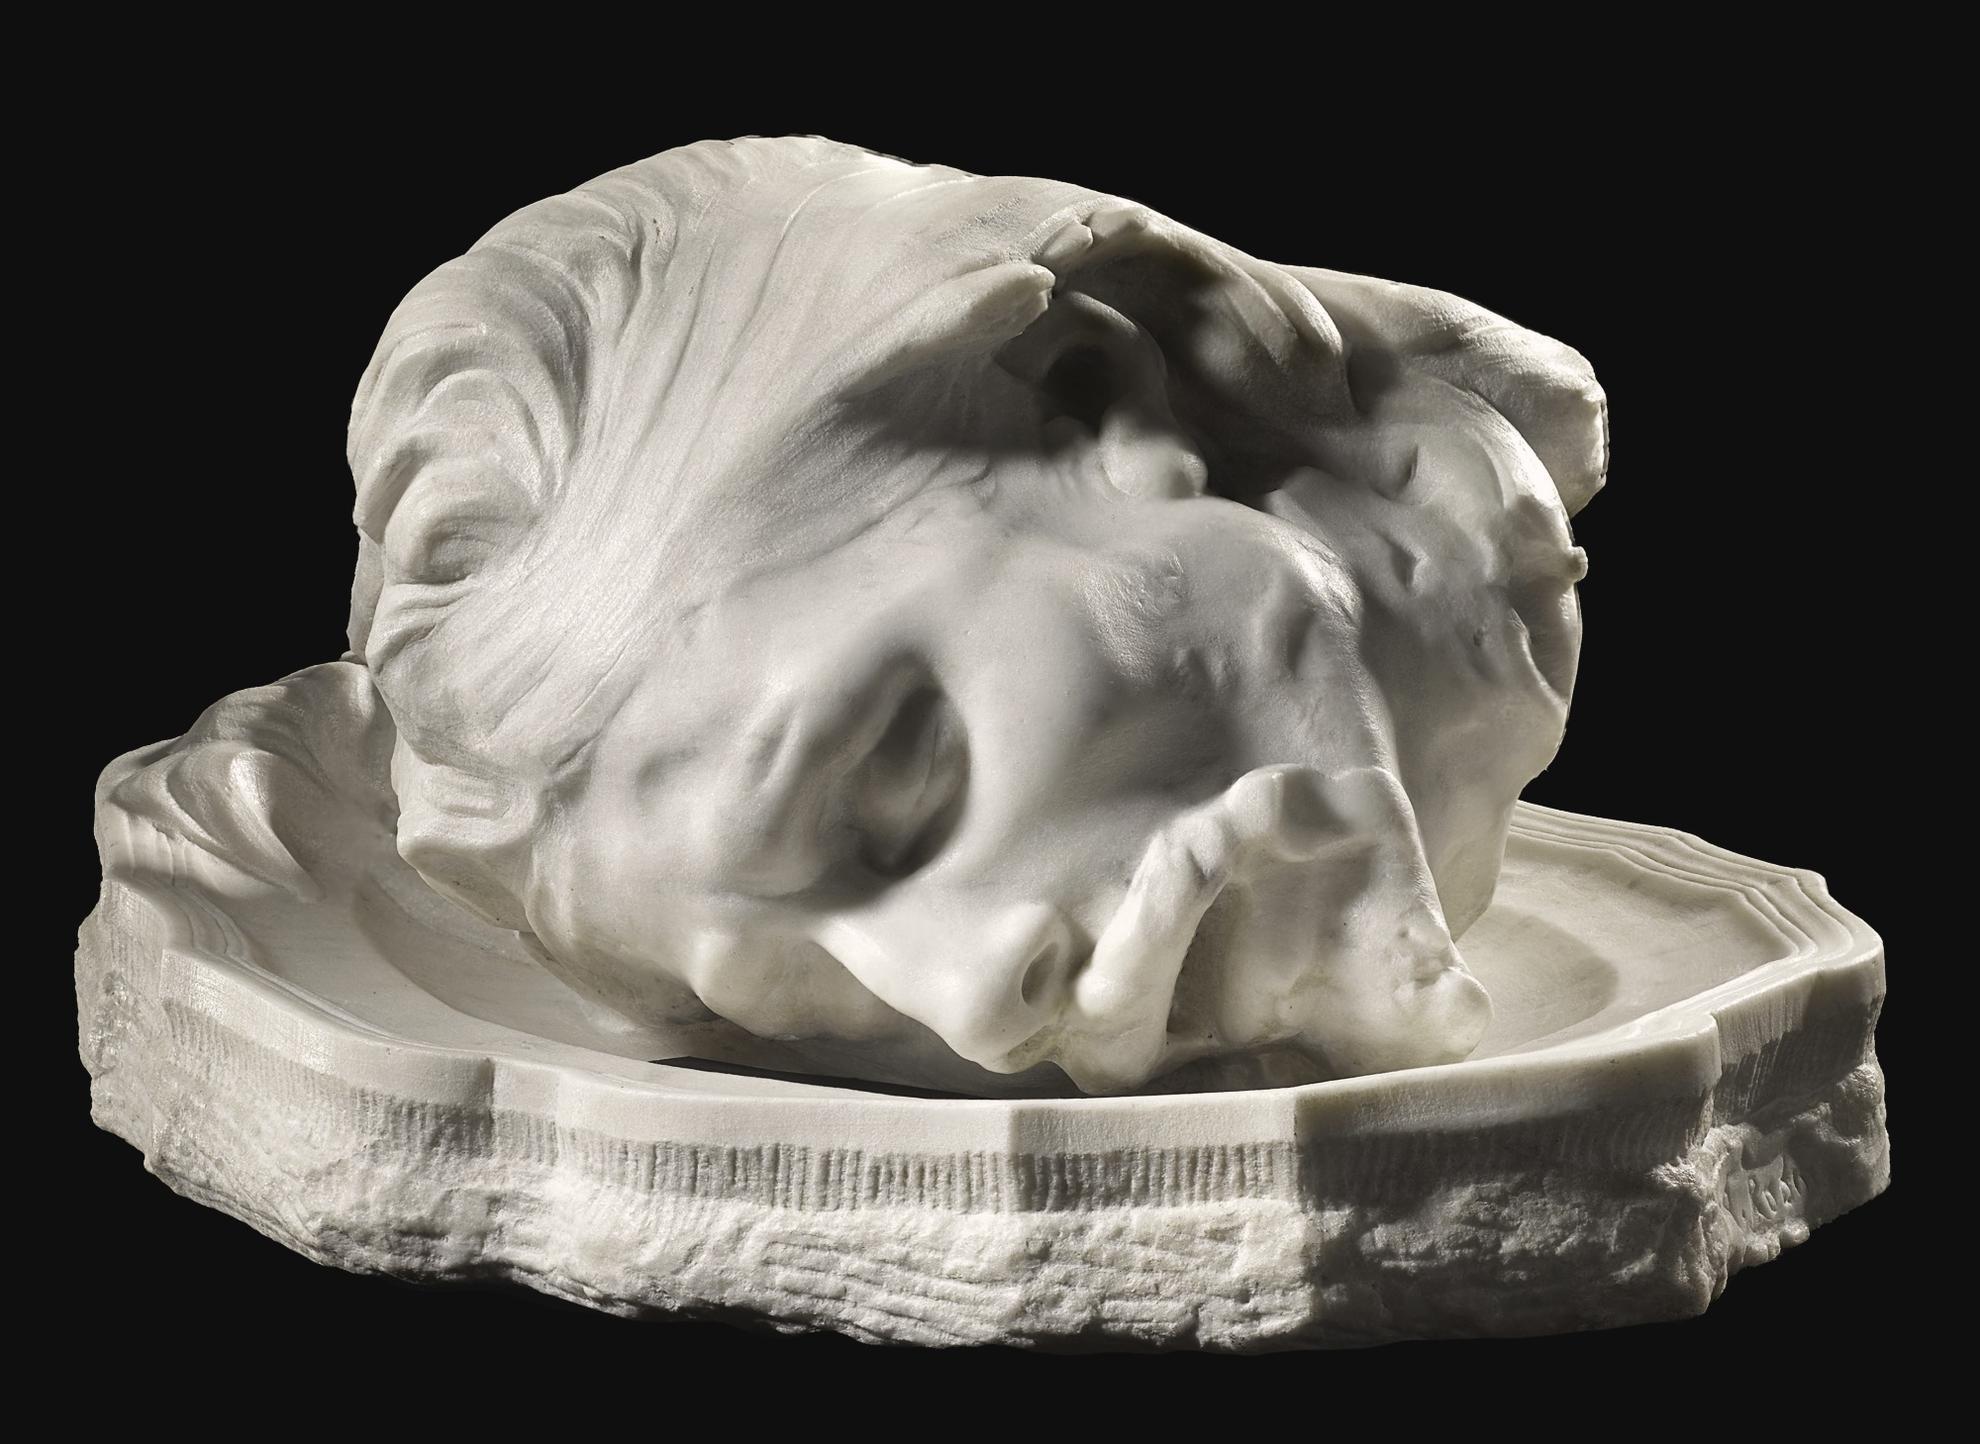 Auguste Rodin-Tete De Saint-Jean Baptiste Dans Un Plat, Version De Profil-1892